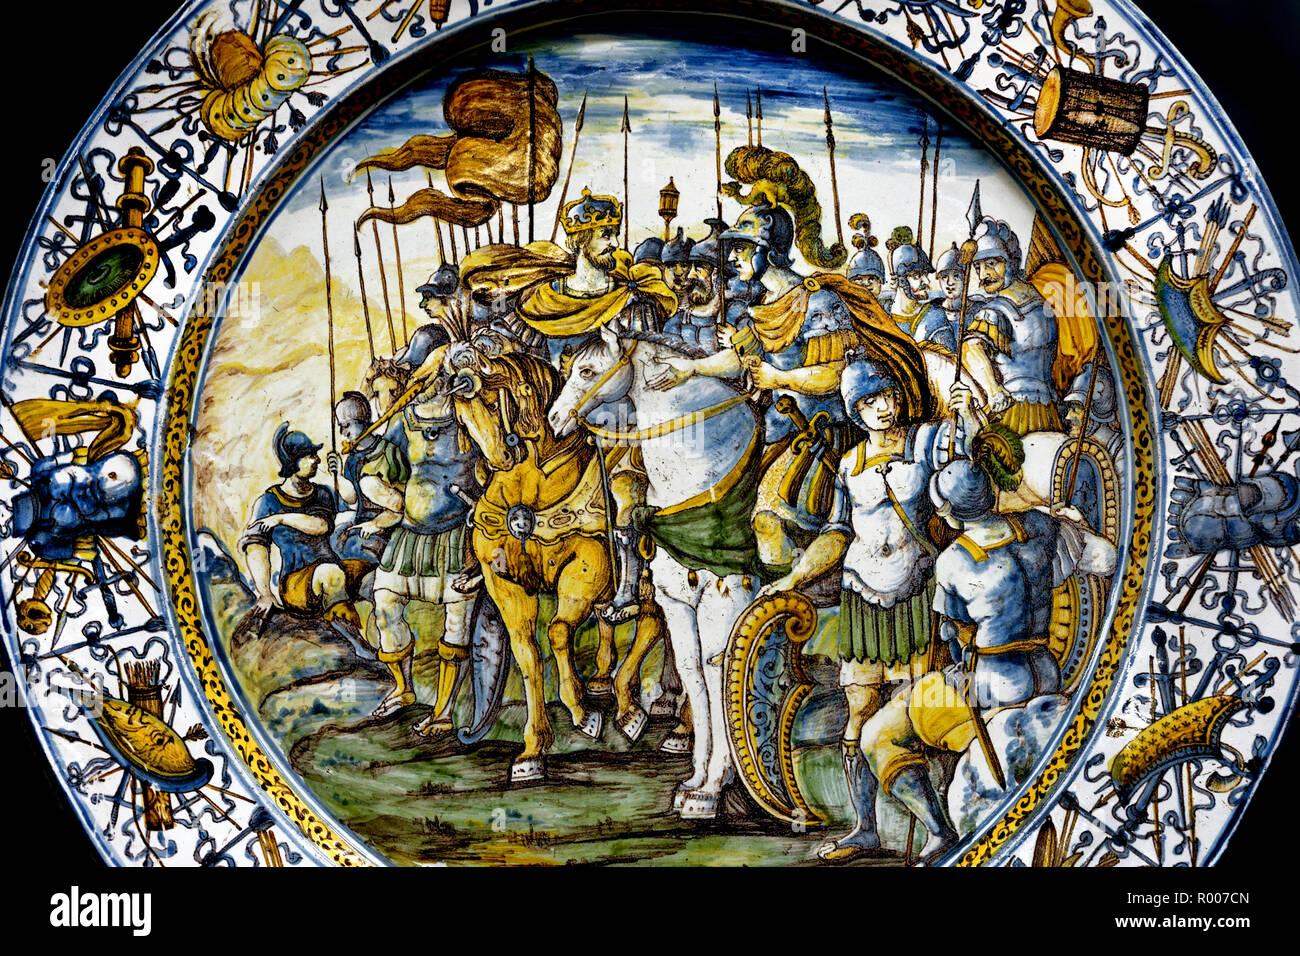 Two Caesars, 1650-1660 Francesco Grue, D'Abruzzo Castelli,Two Caesars, Maiolica 17th Century Museum of Ancient Art in the Castello Sforzesco - Sforza Castle in Milan Italy - Stock Image